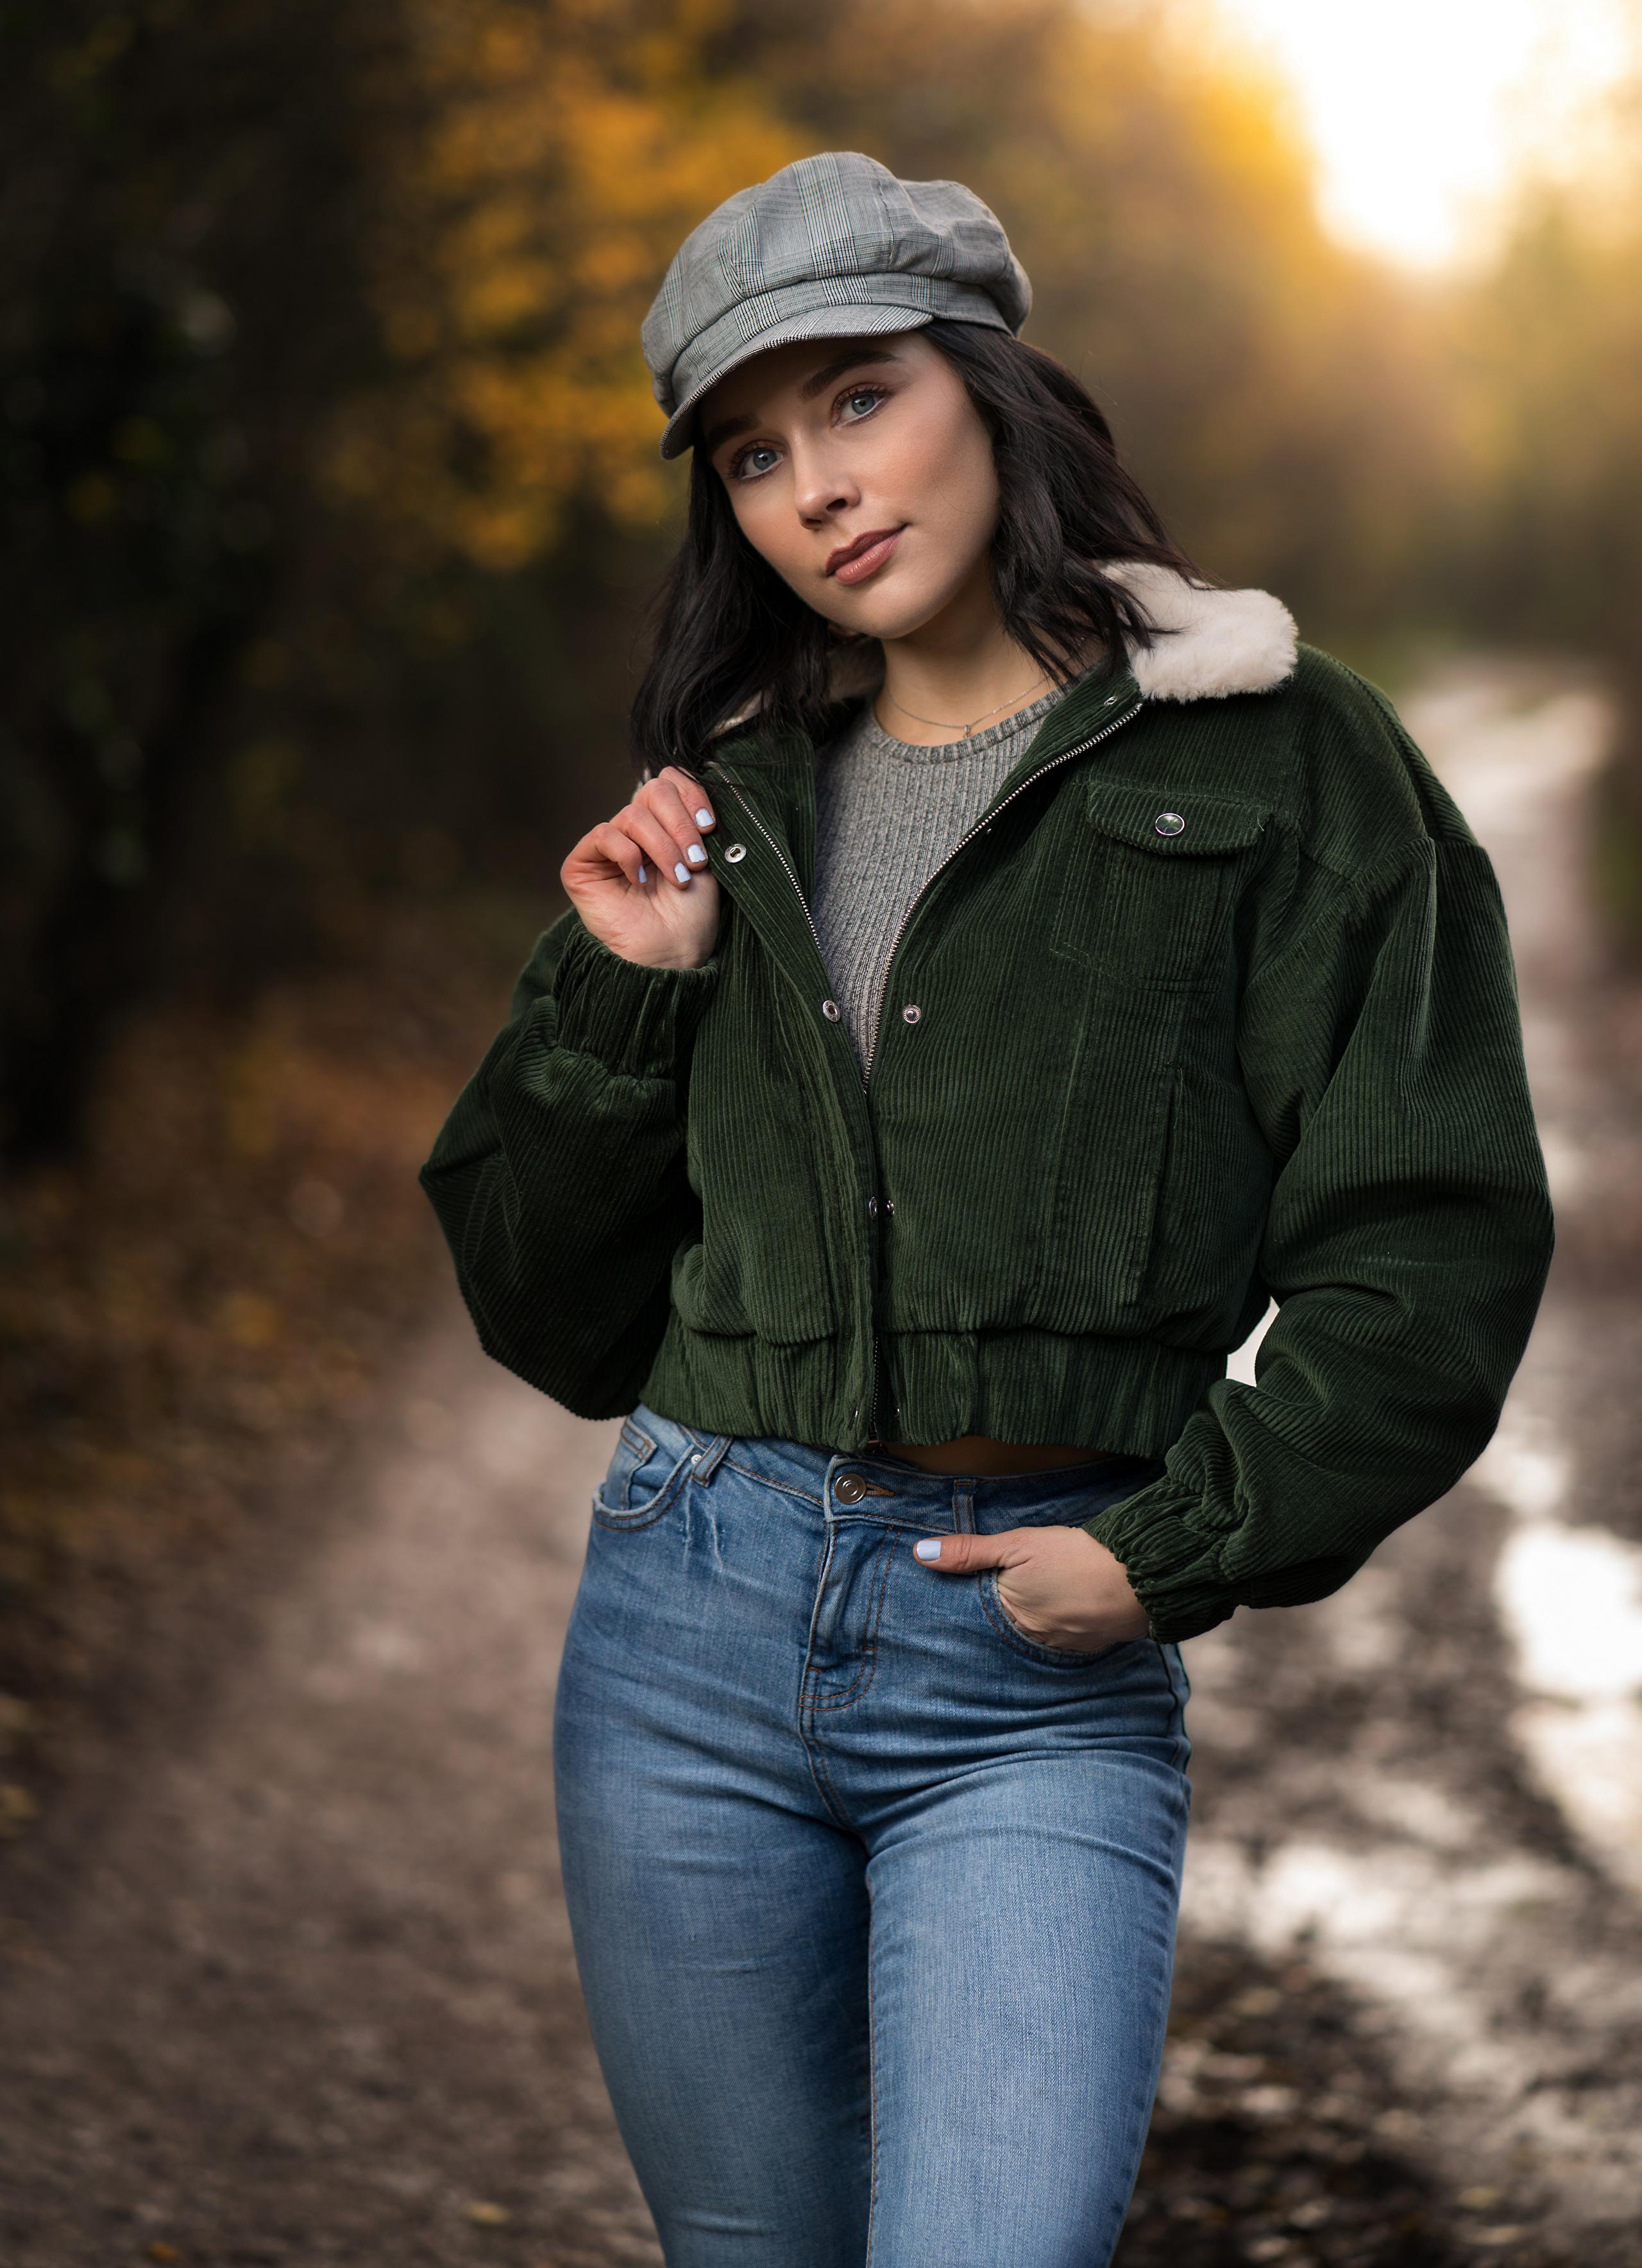 Картинка Брюнетка Emma Victoria позирует Куртка девушка Джинсы кепкой смотрит 2560x3537 для мобильного телефона брюнетки брюнеток Поза куртке куртки куртках Девушки молодая женщина молодые женщины джинсов кепке Кепка Взгляд смотрят Бейсболка